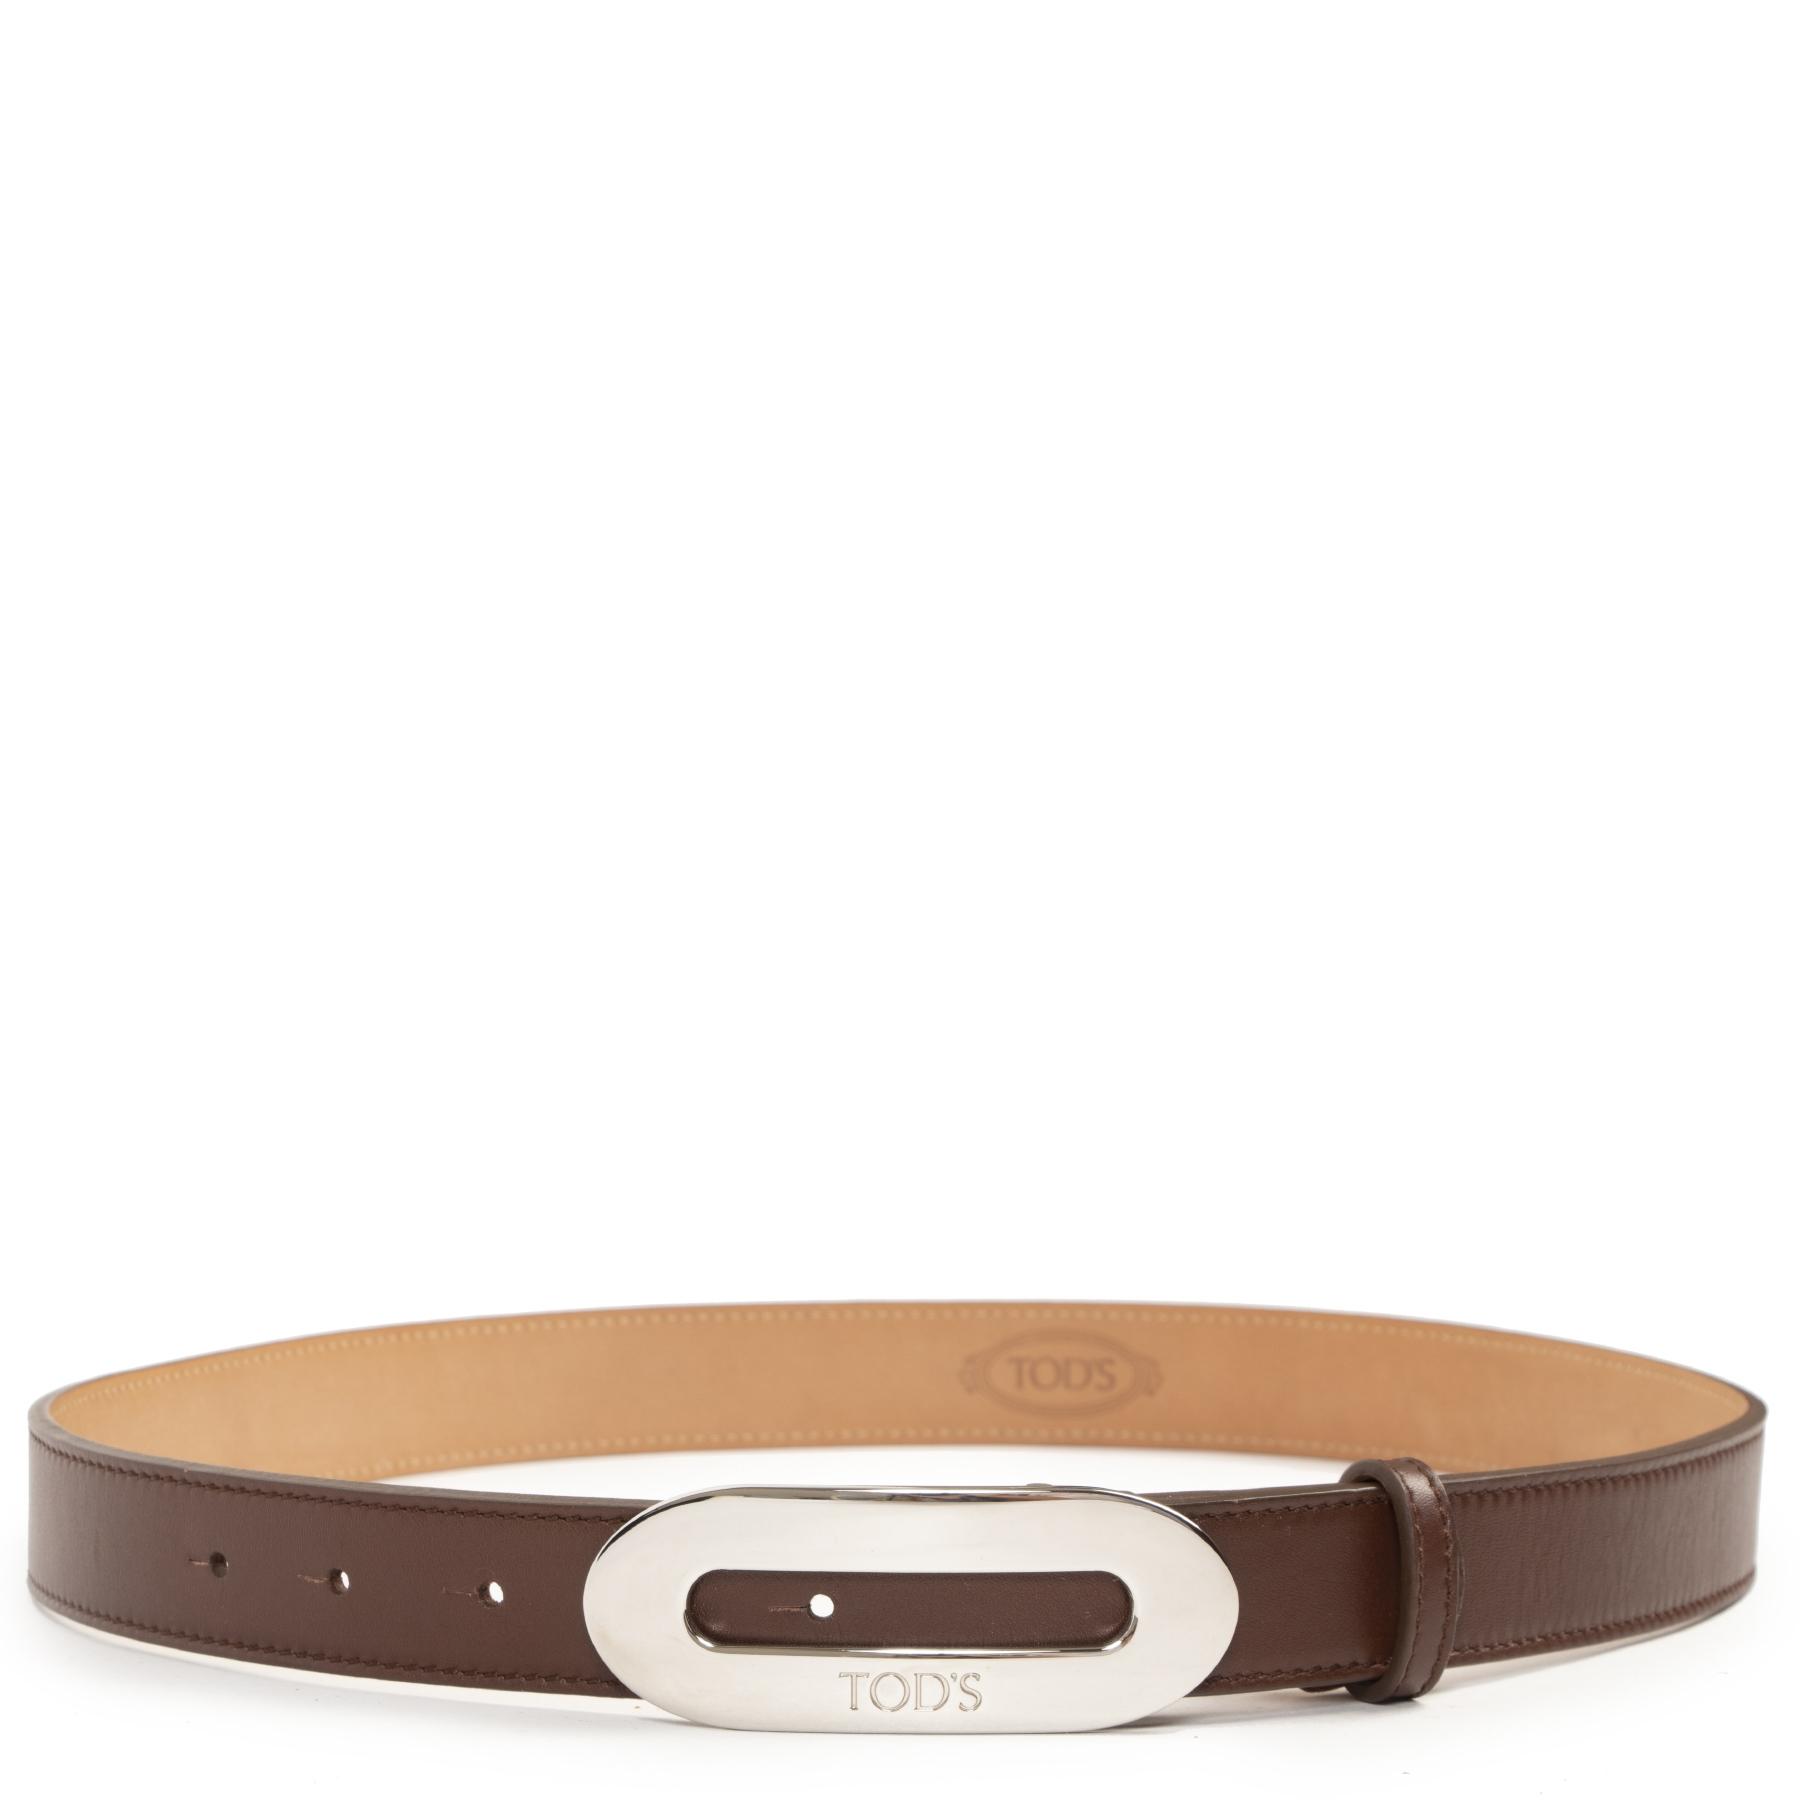 Tod's Brown Leather Belt - size 85 - pour le meilleur prix chez Labellov